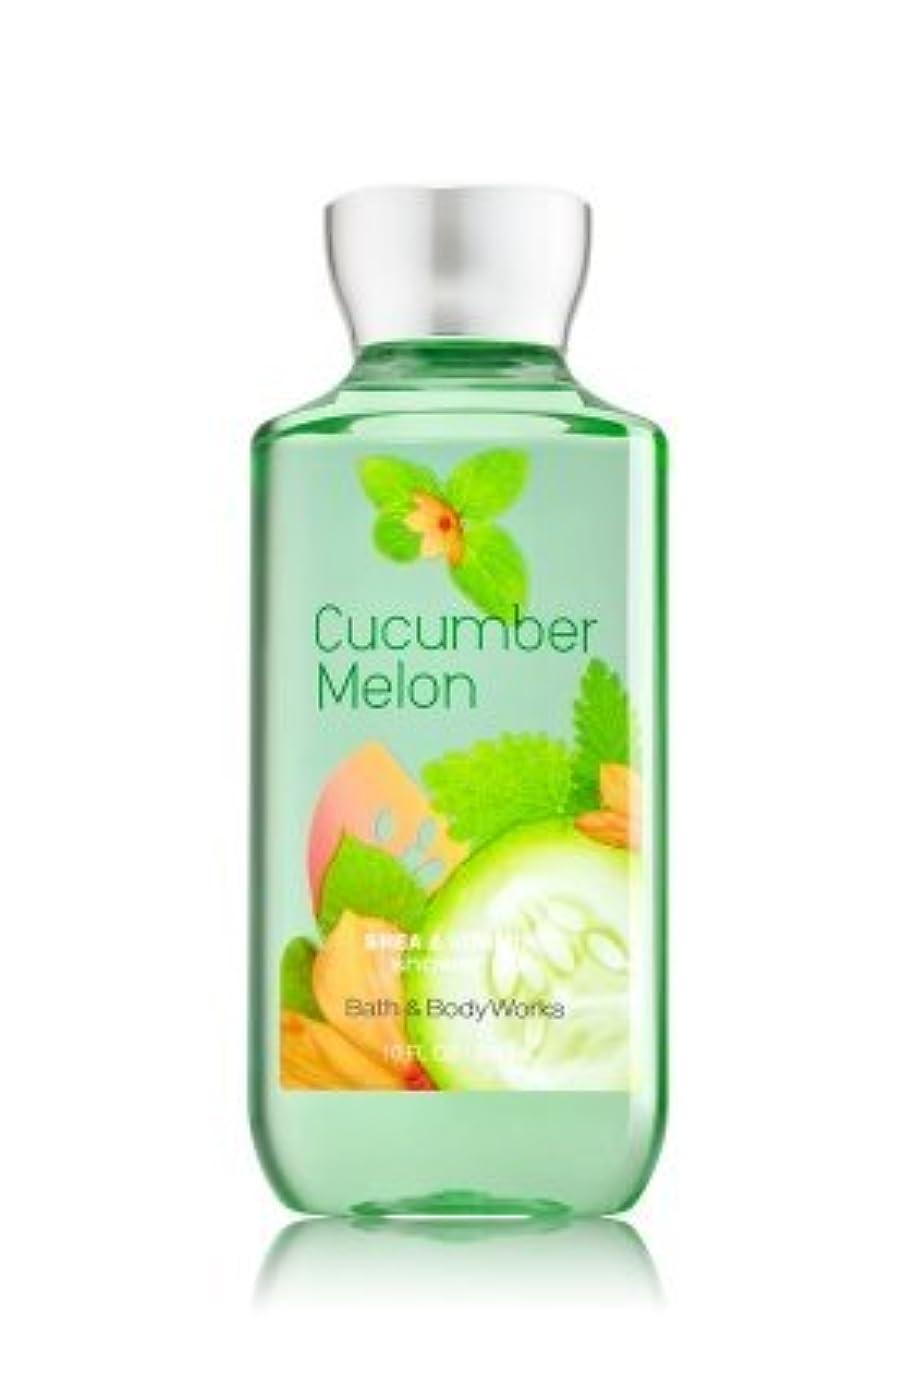 グレートオークバンジョー豚肉【Bath&Body Works/バス&ボディワークス】 シャワージェル キューカンバーメロン Shower Gel Cucumber Melon 10 fl oz / 295 mL [並行輸入品]